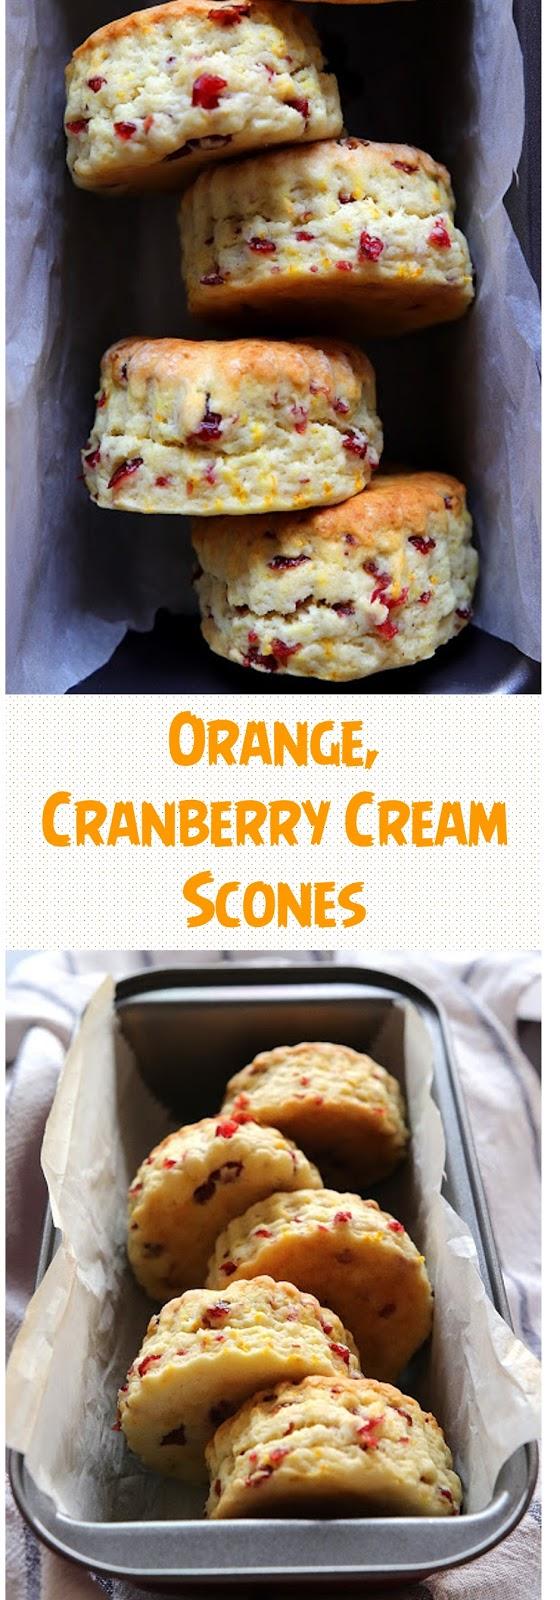 Orange, Cranberry Cream Scones